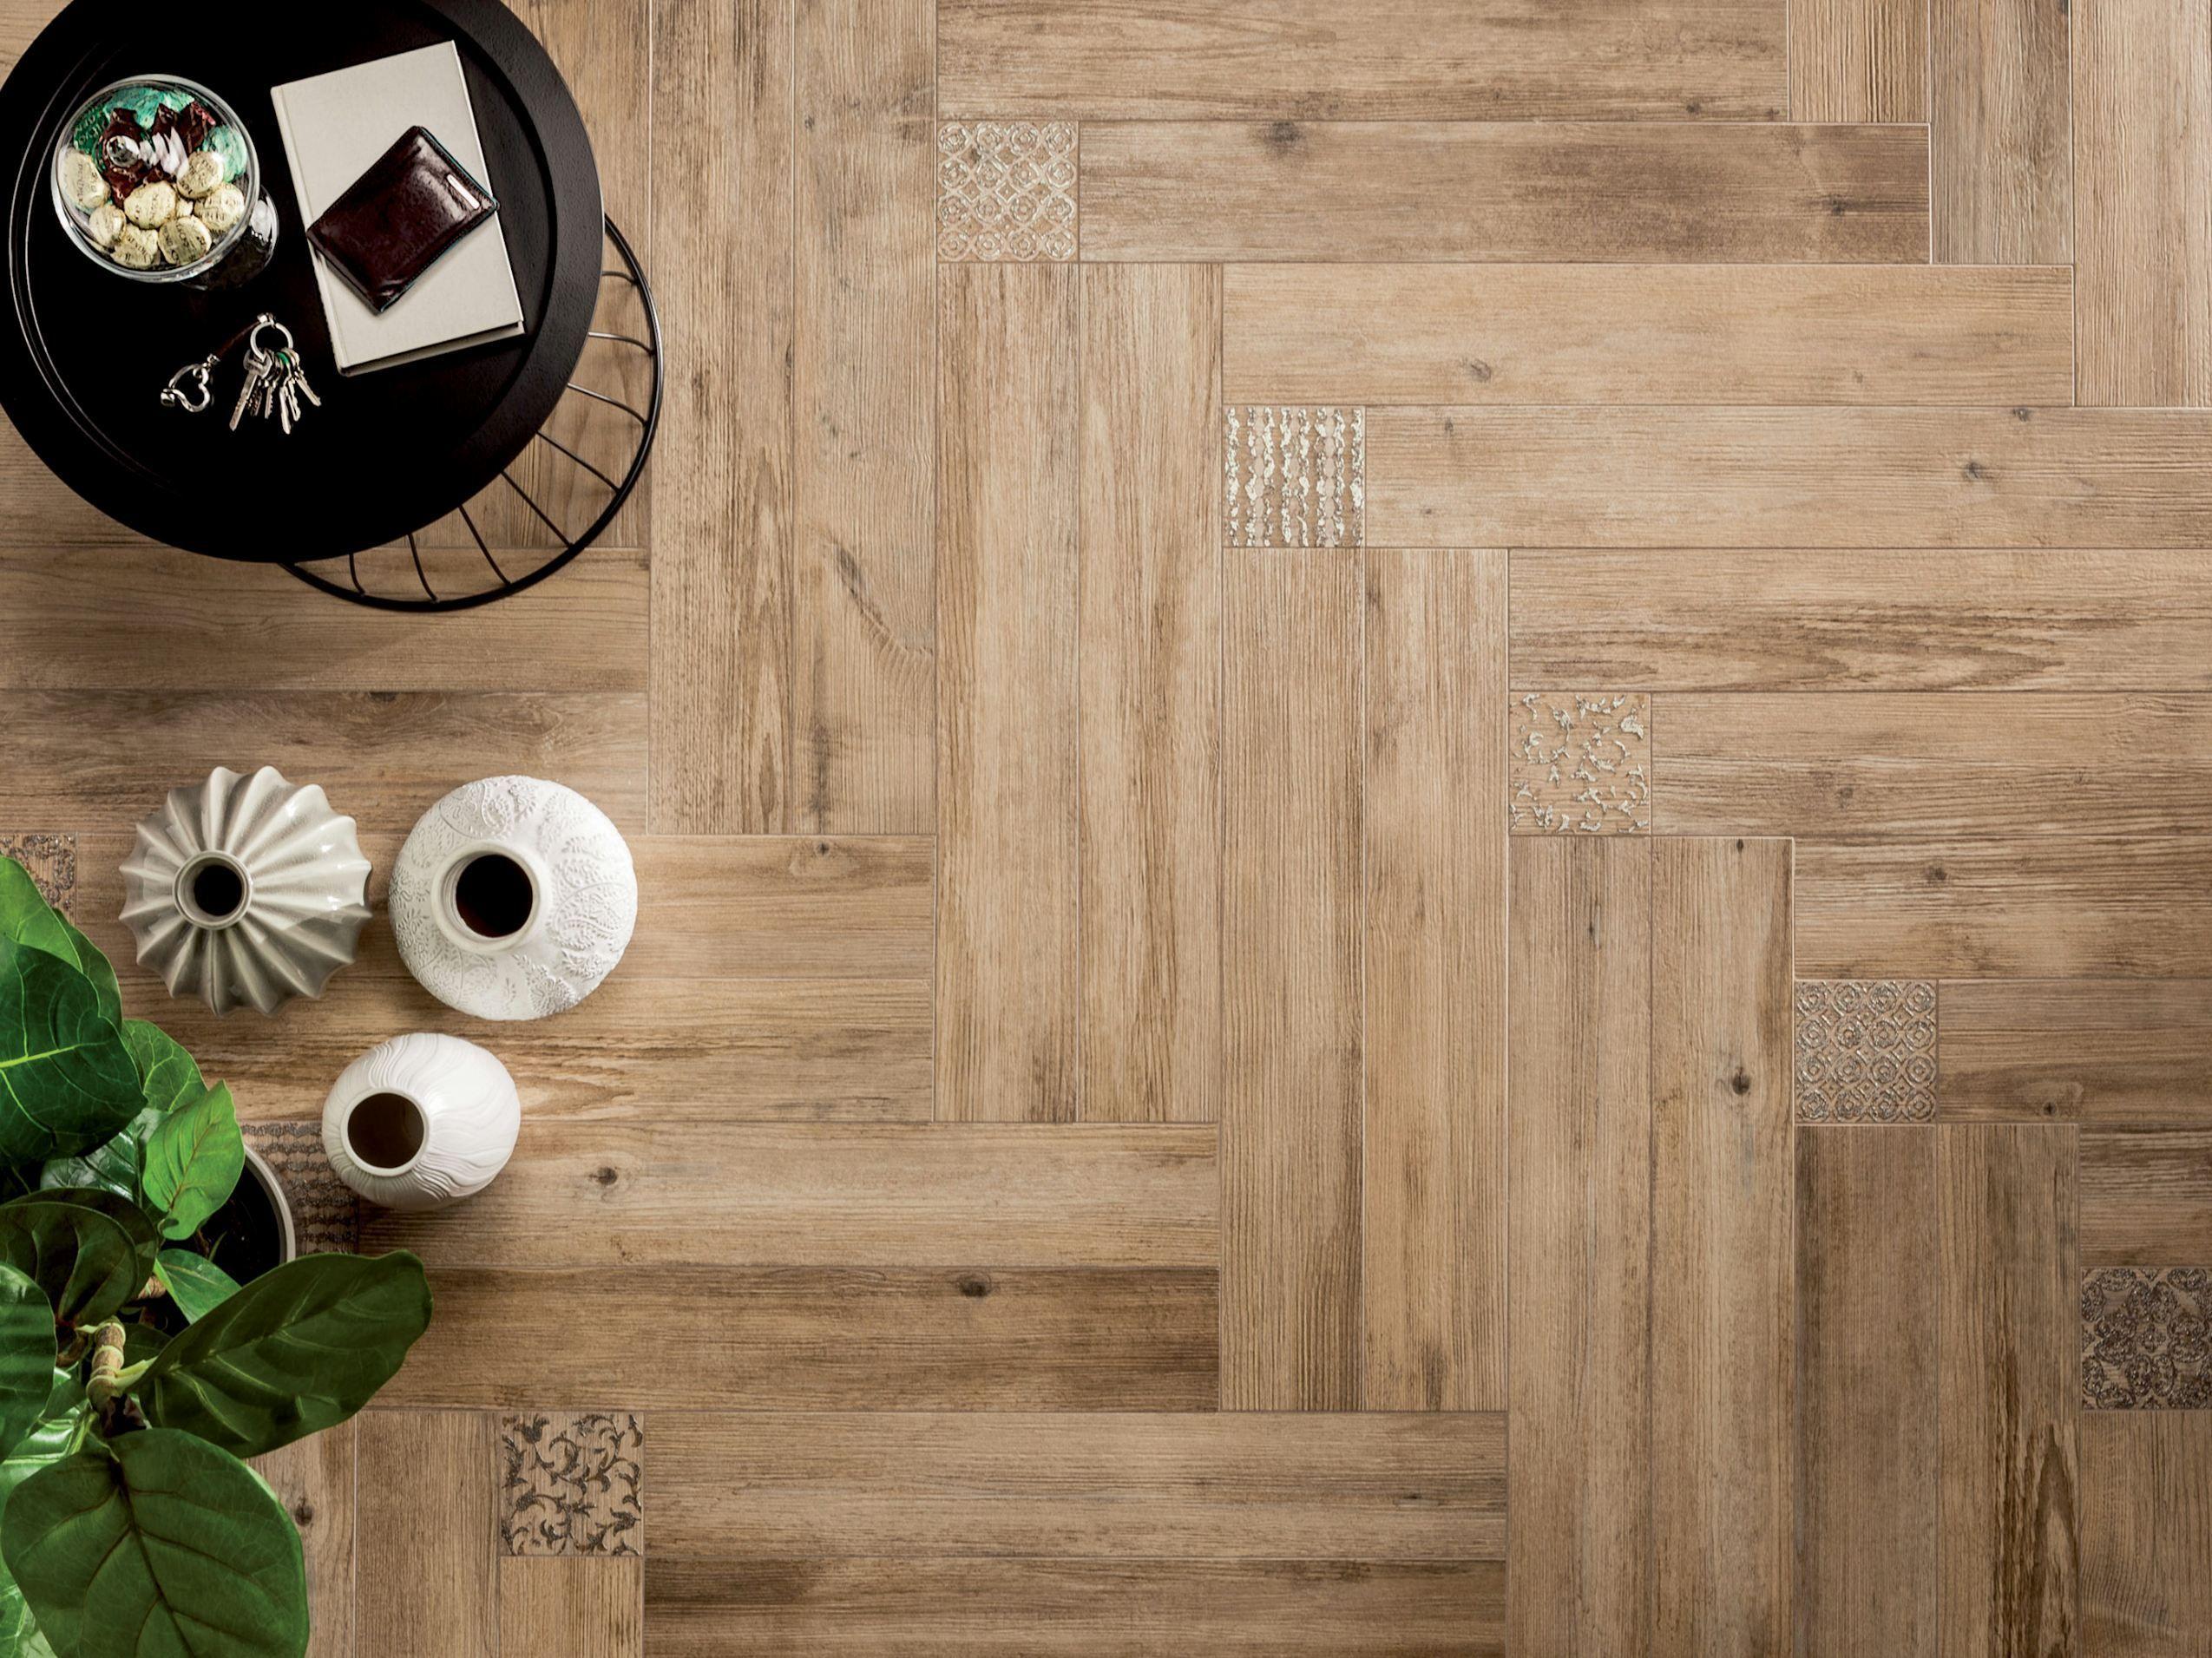 Wood Floor Tiles Design Pictures